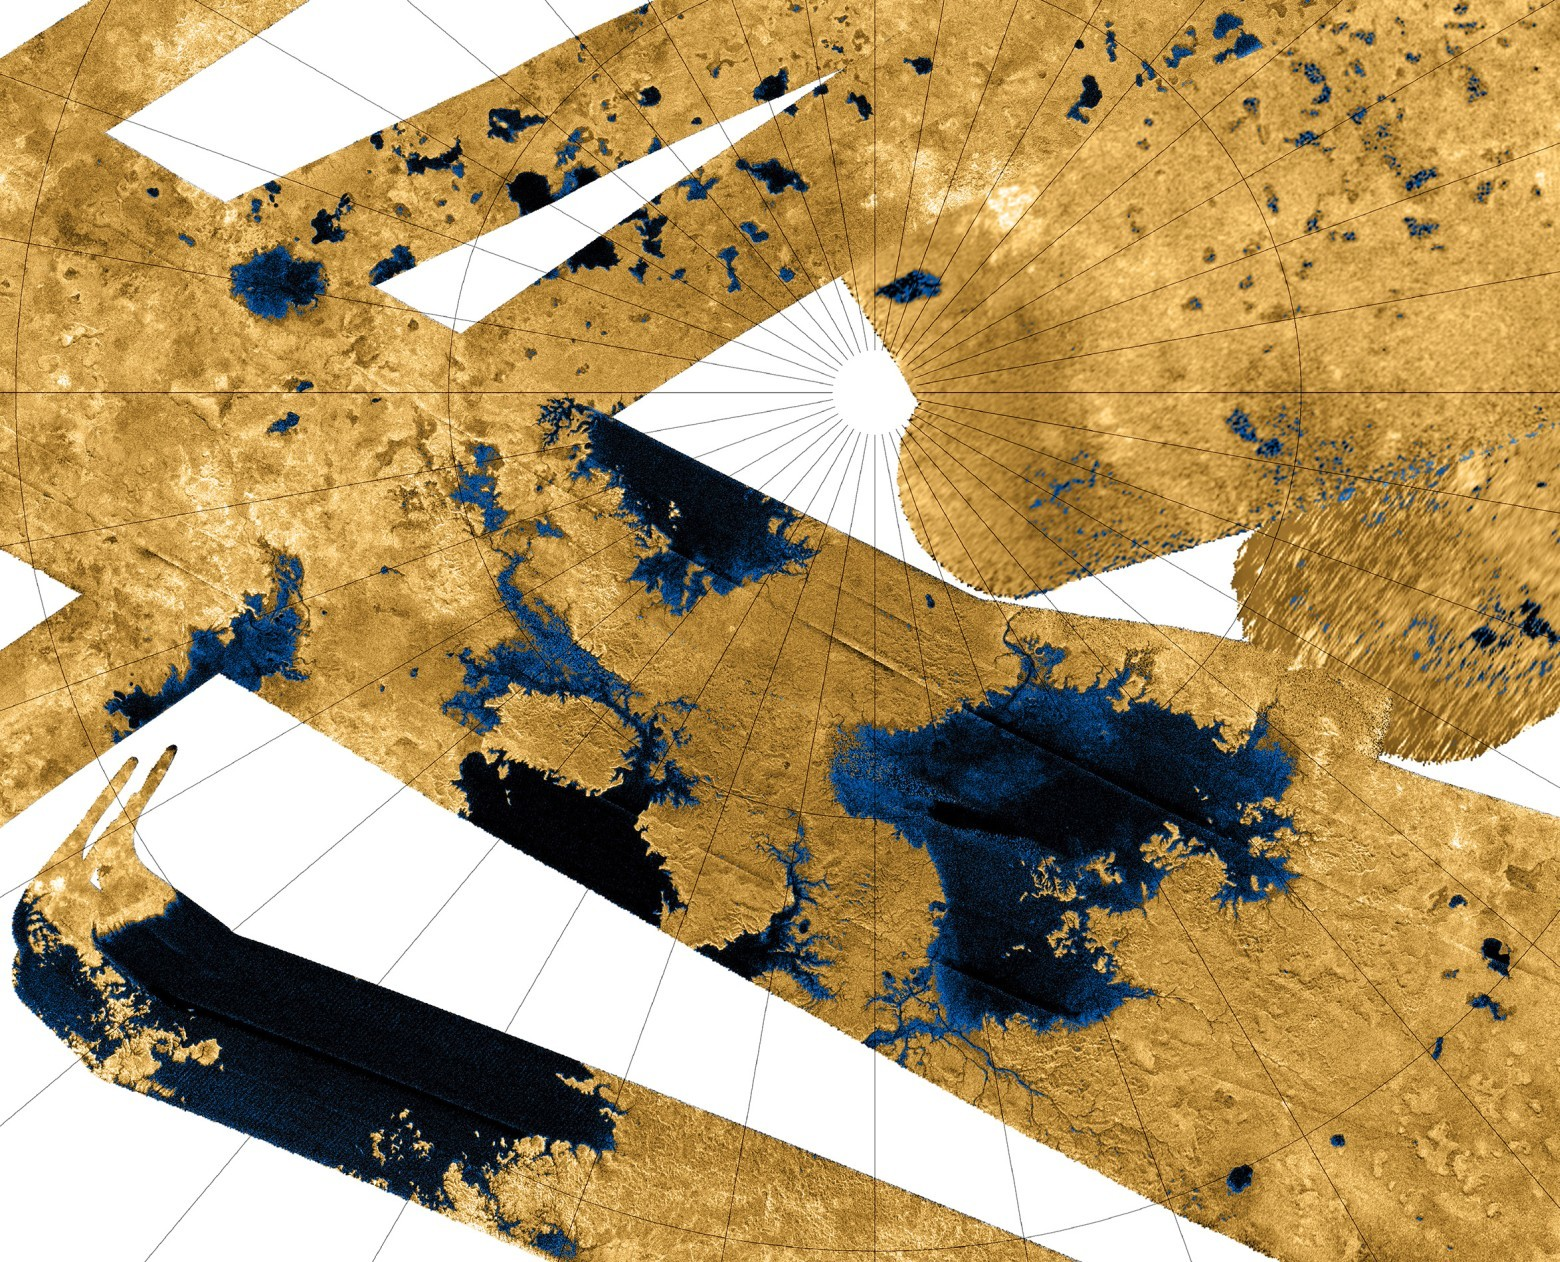 Титан может быть наилучшим местом для колонии в Солнечной системе - 6